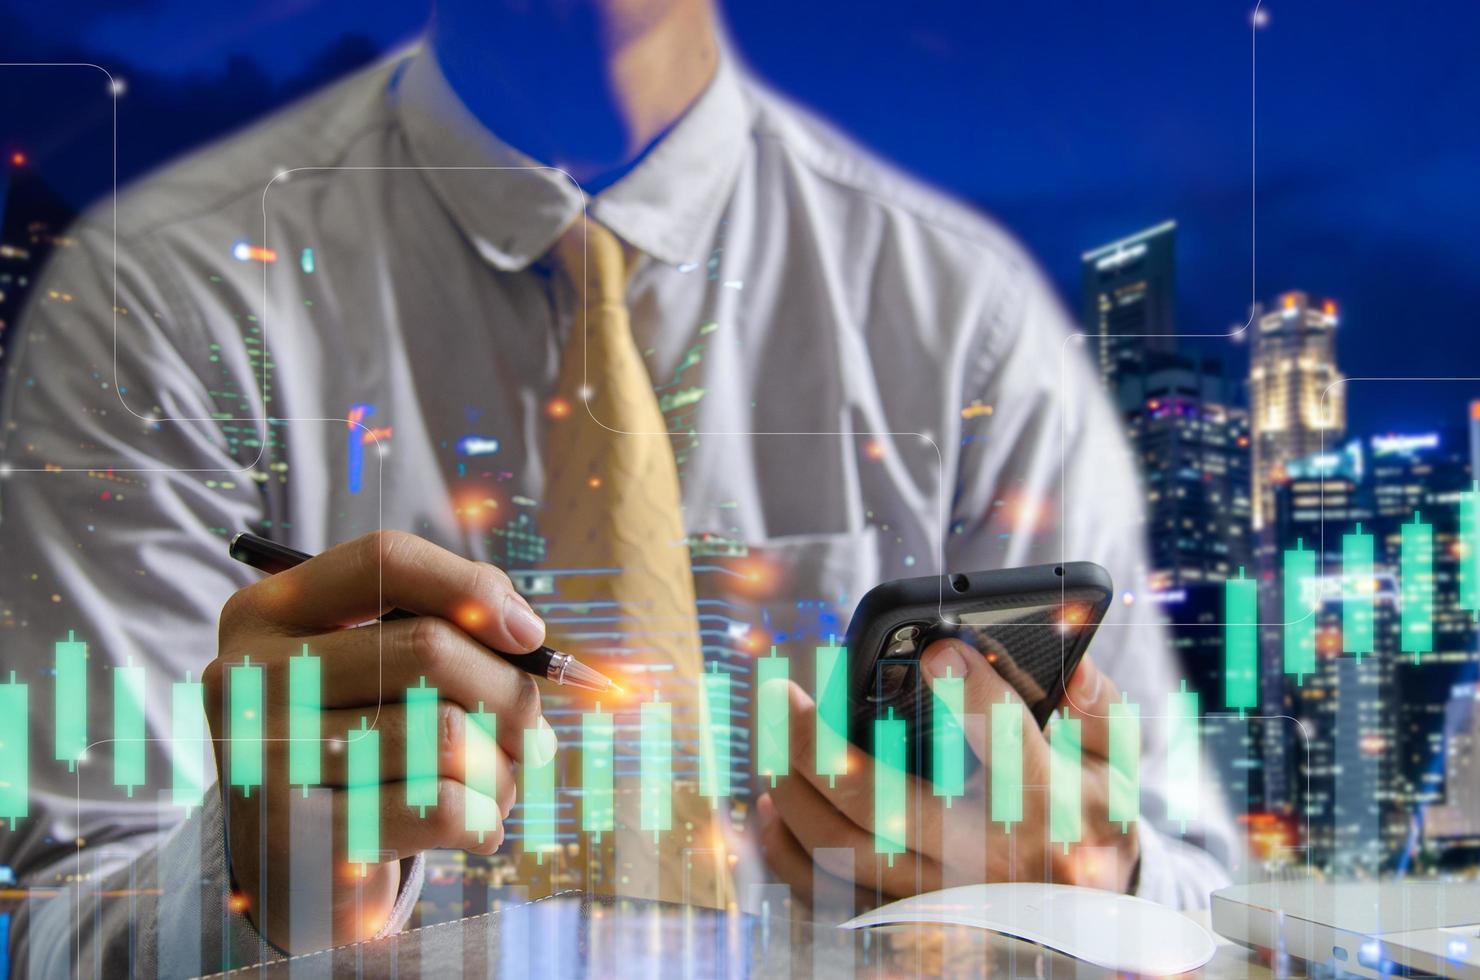 dubbele belichting van financiële grafiek en zakenman foto